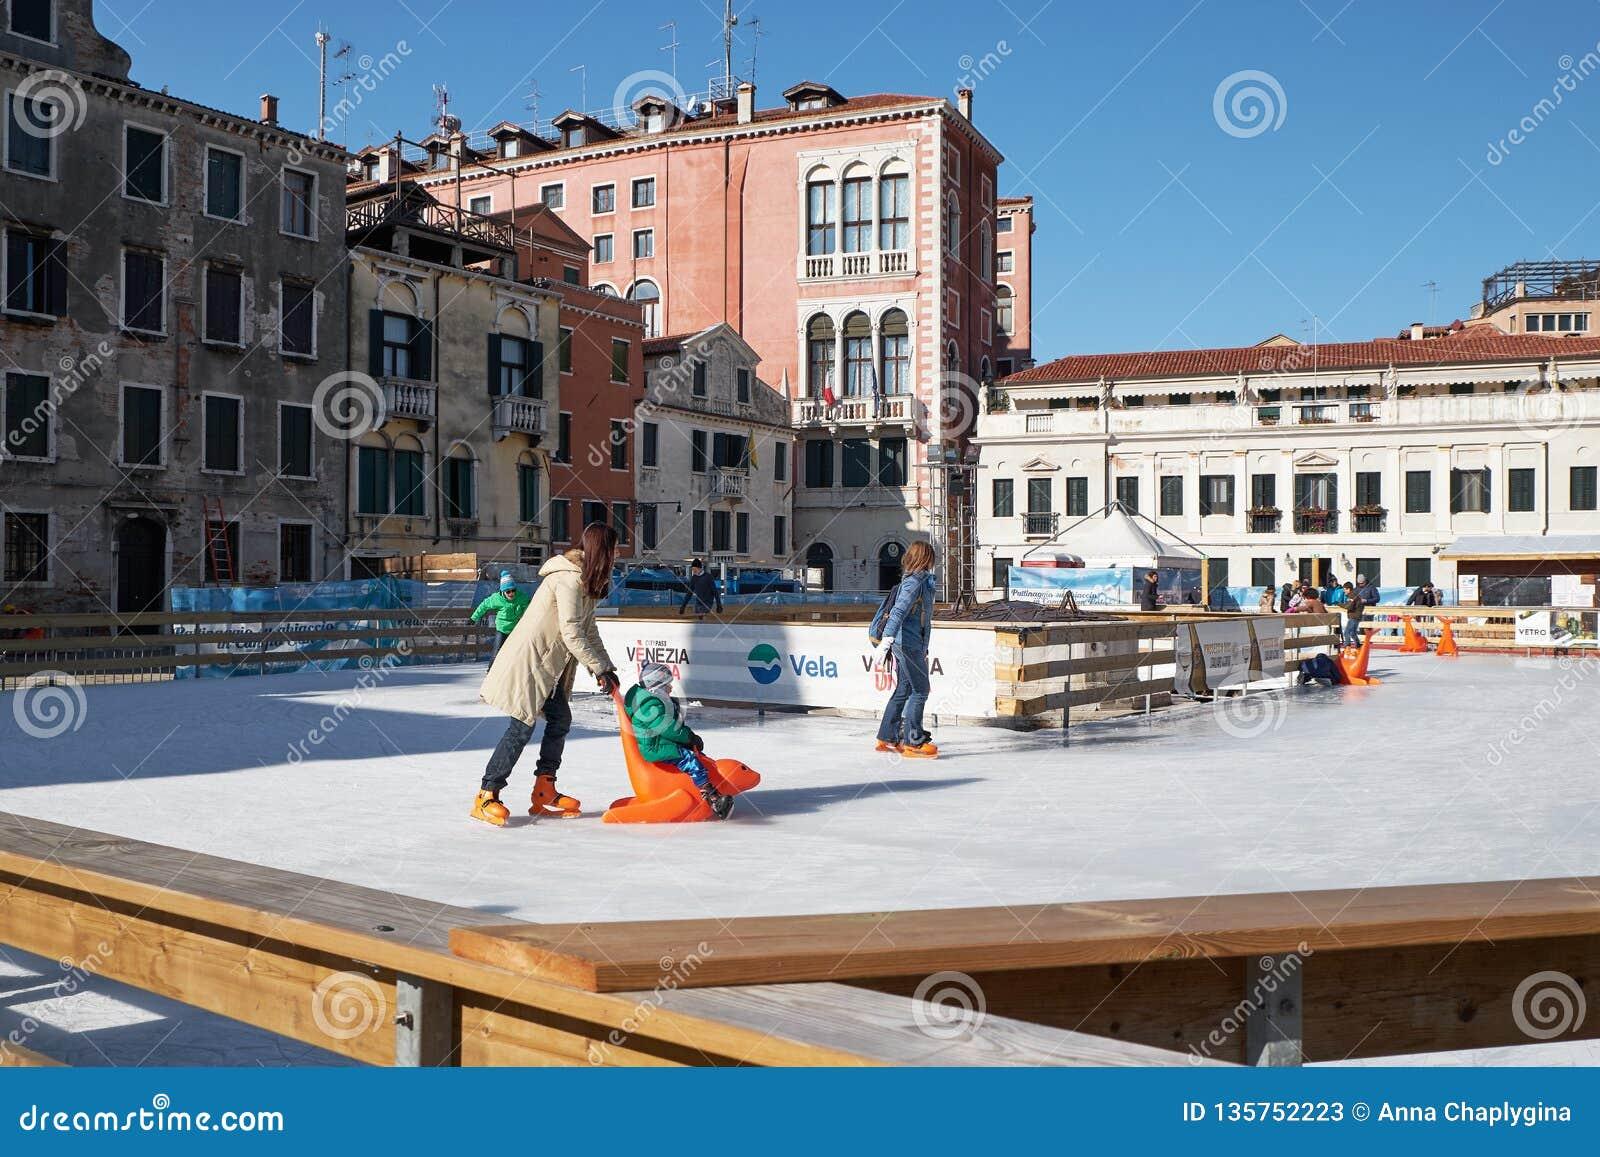 Венеция, Италия - 10-ое февраля 2018: Люди на катке катания на коньках